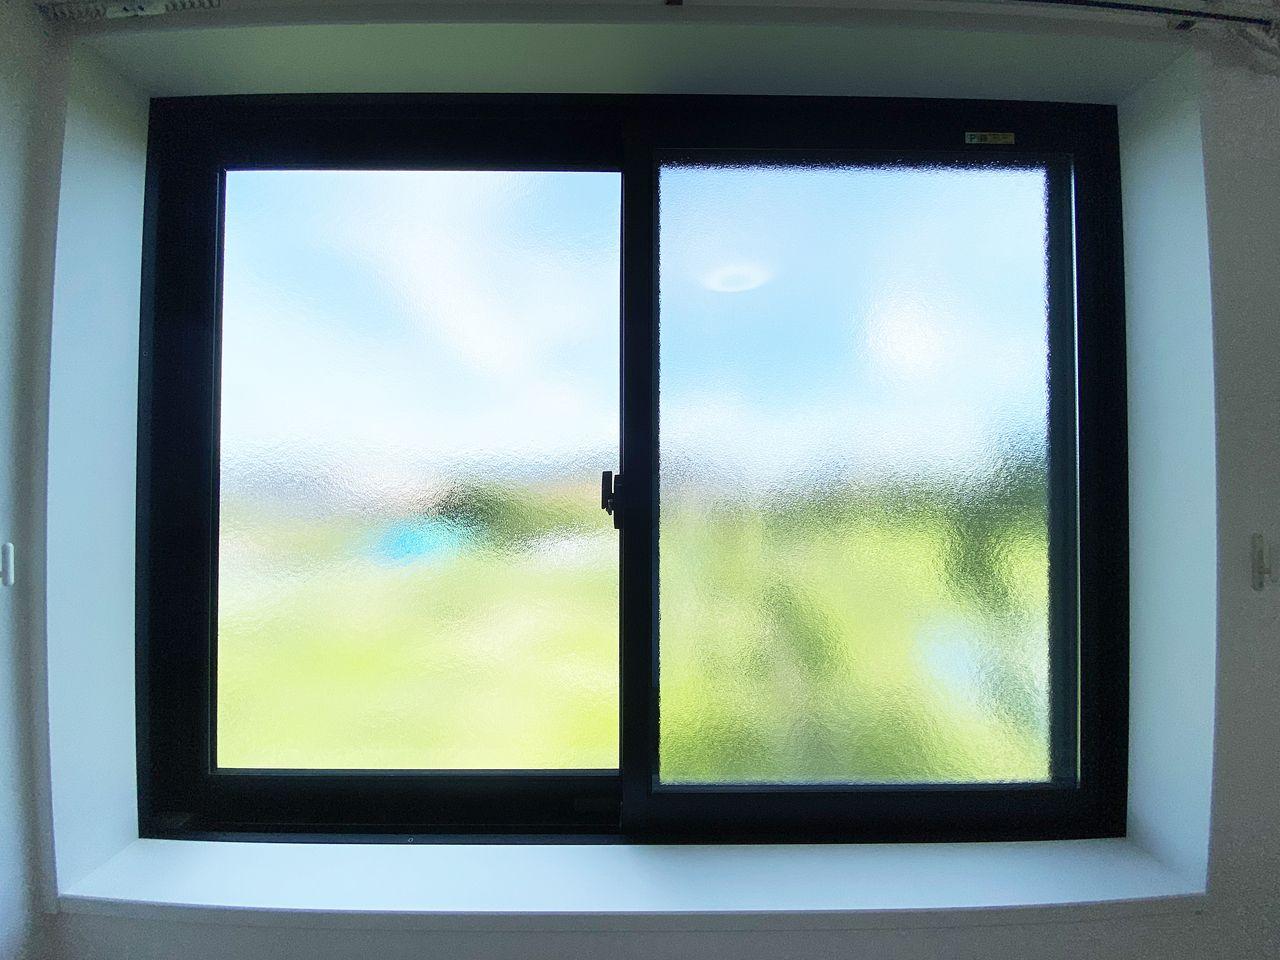 窓ガラスは型ガラスを多用して外からの視線を気になりにくくしています。それでいてやわらかい光をしっかり取り込みます。